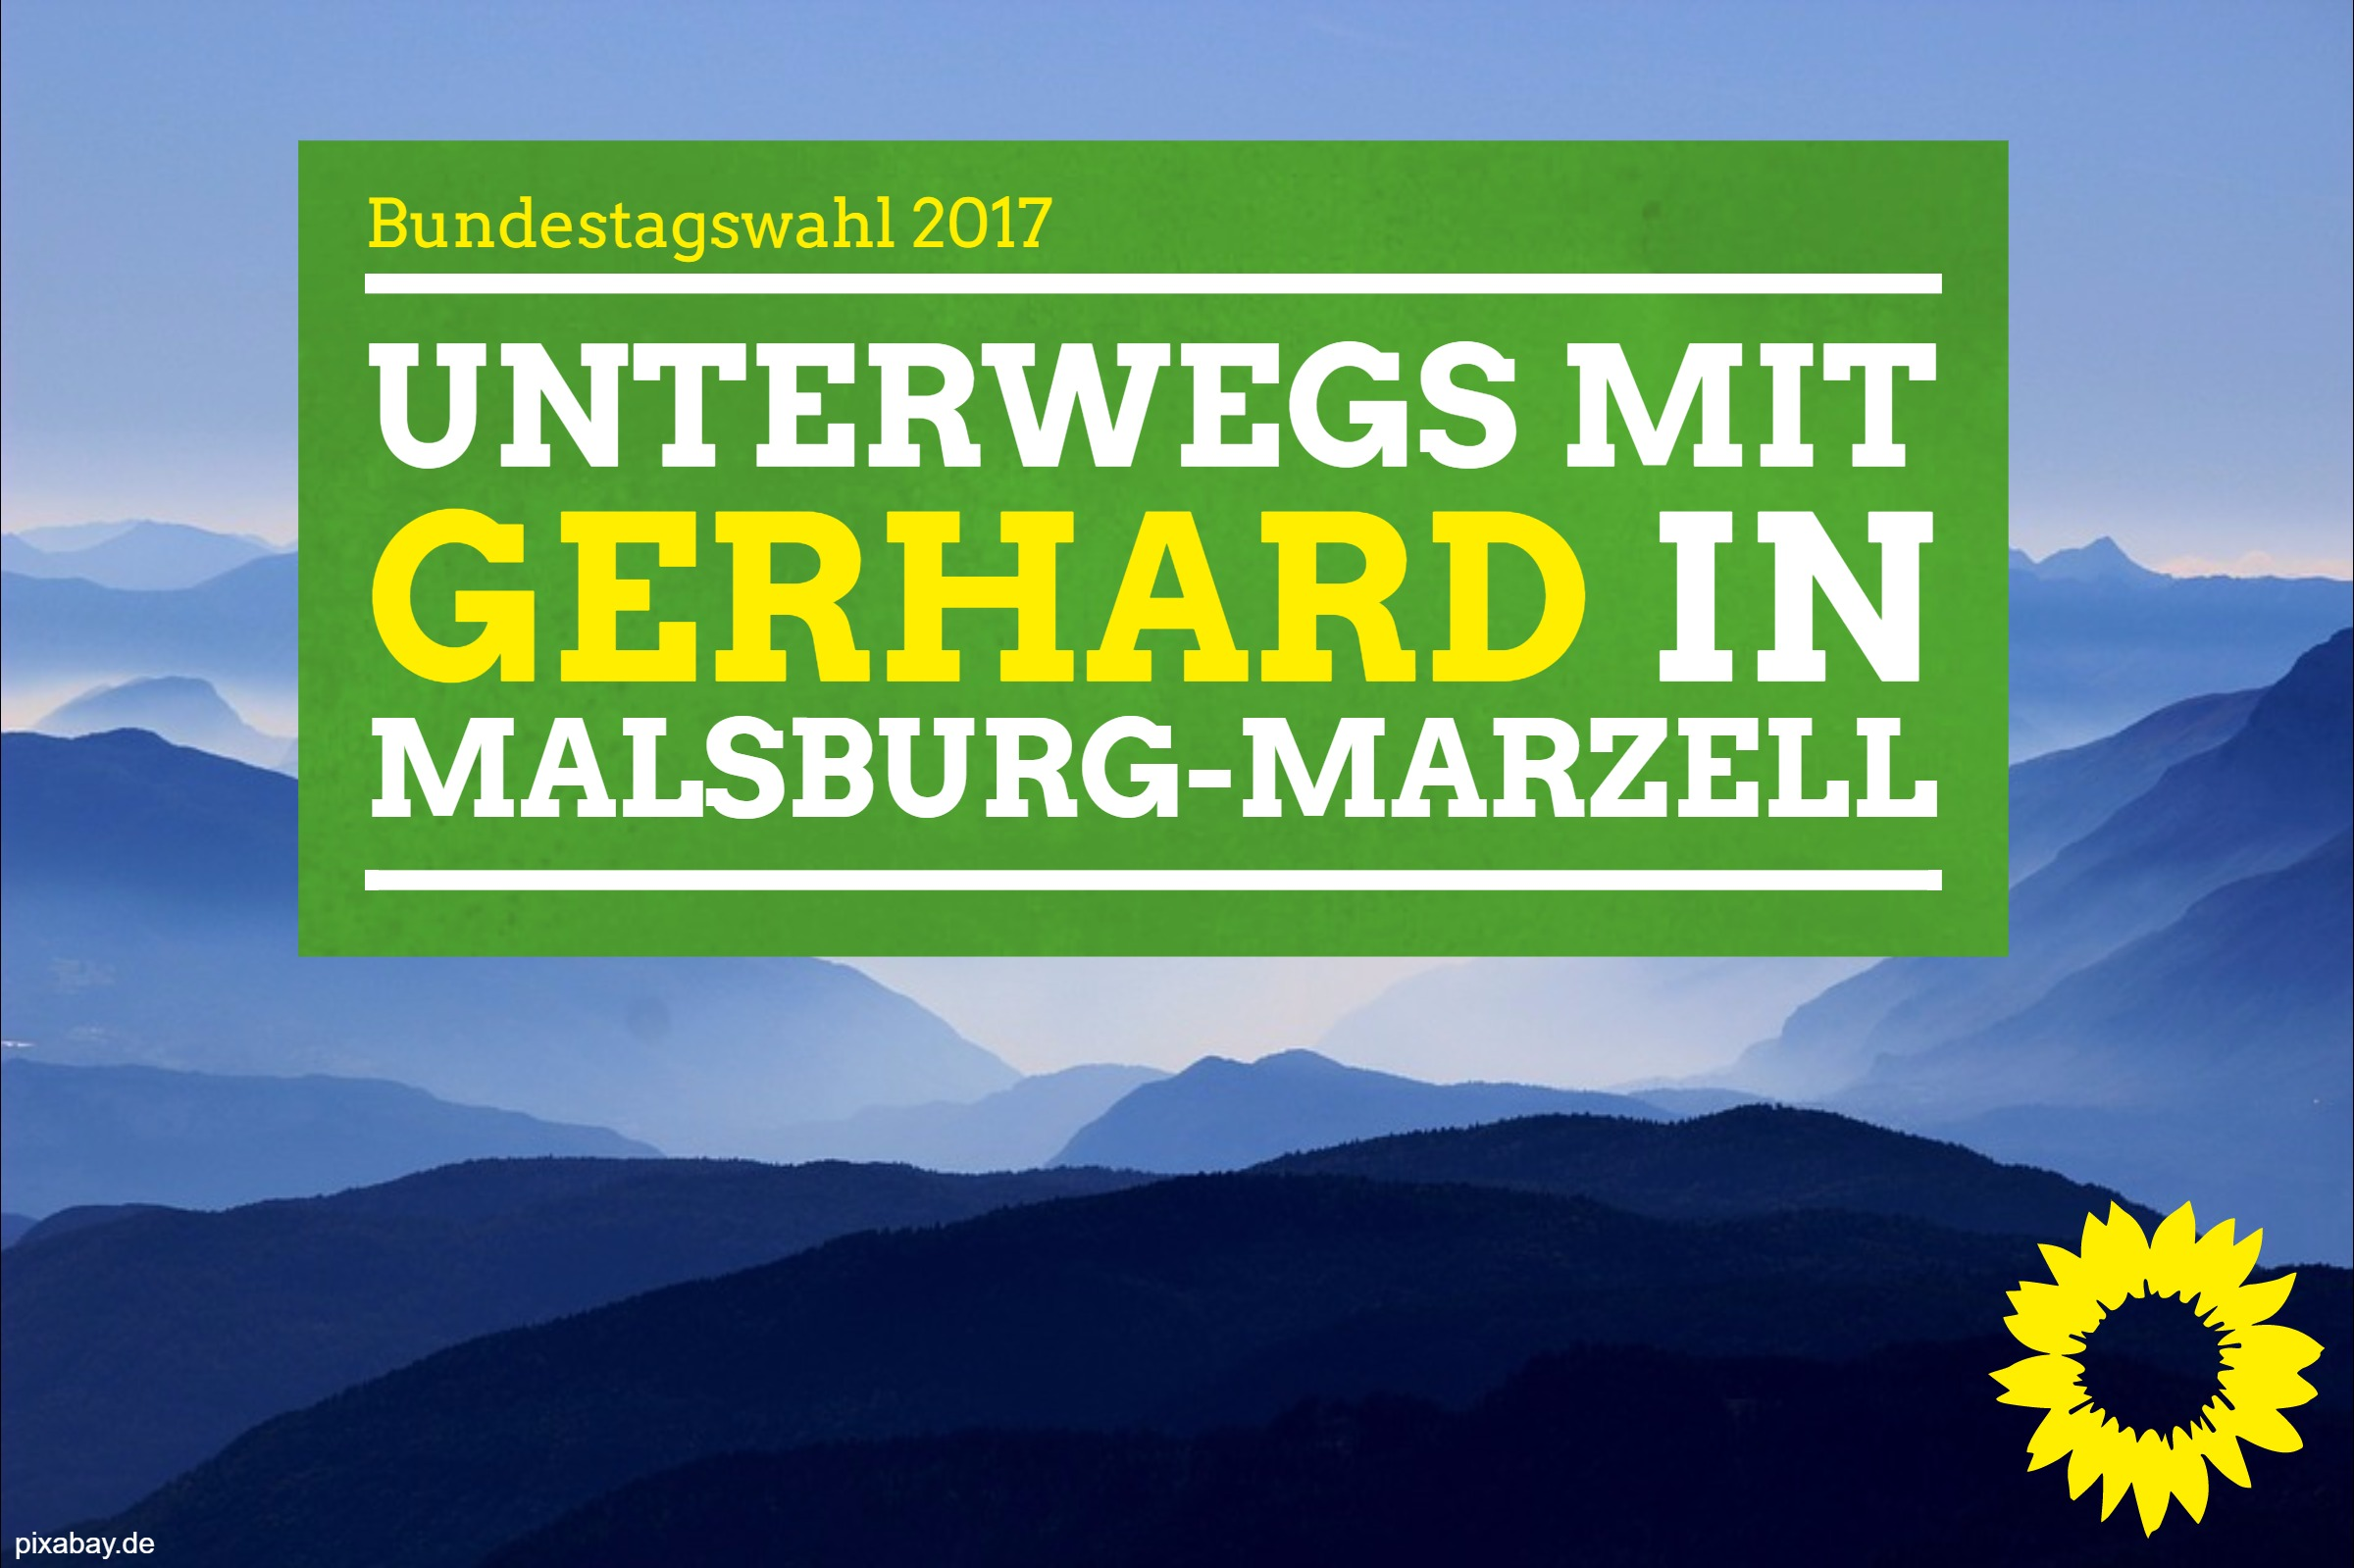 Spaziergang mit Gerhard in Malsburg-Marzell